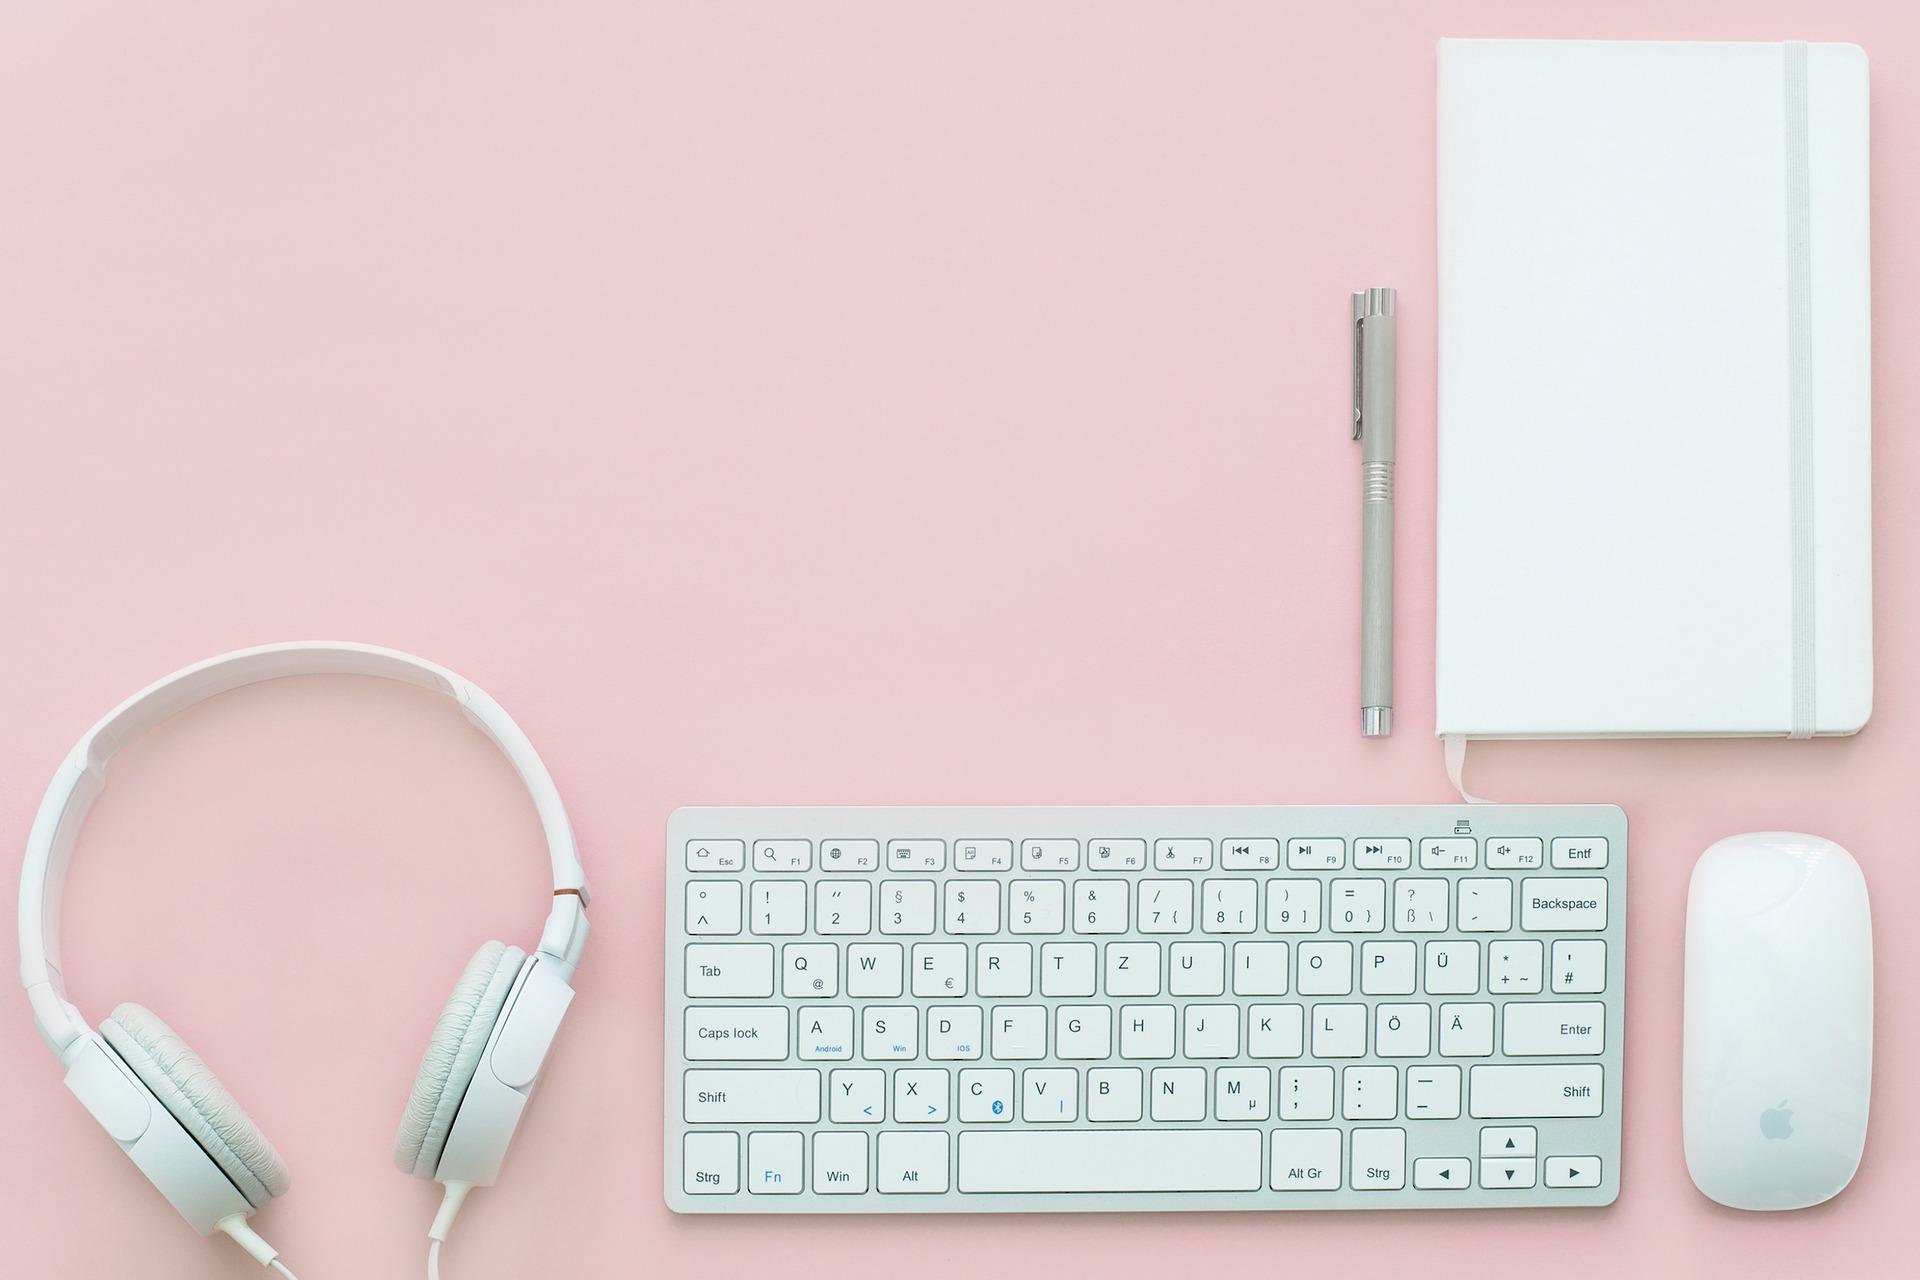 Une photo prise de haut d'un bureau rose avec un casque, un clavier, une souris, un bloc-note. Le tout est blanc.